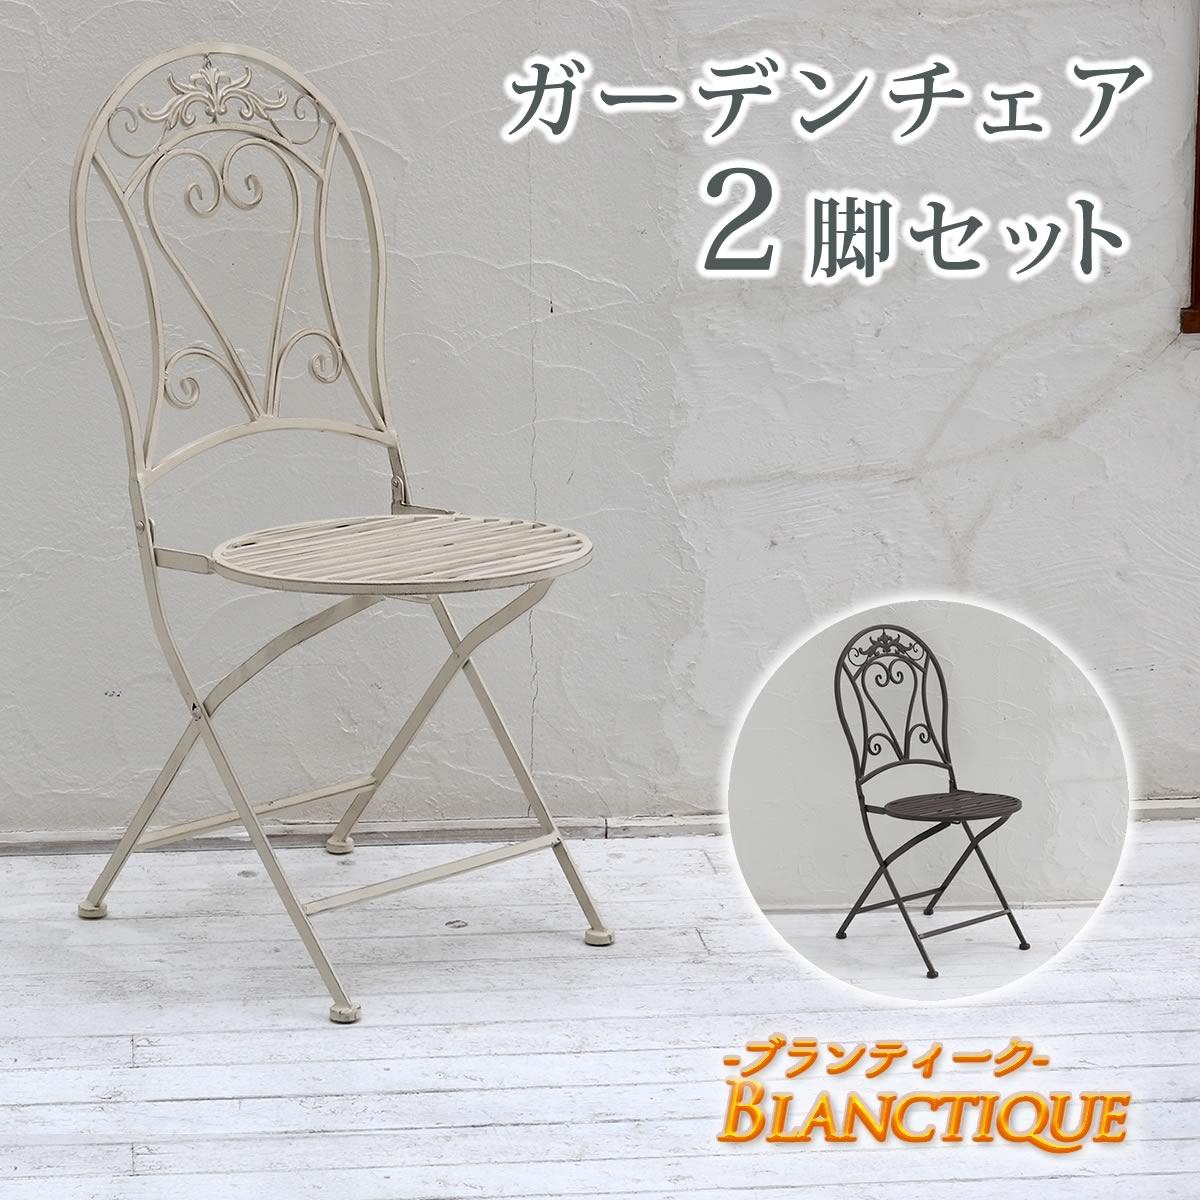 送料無料 チェア 2脚セット ブランティーク ホワイトアイアンチェア ガーデン テラス 庭 ウッドデッキ 椅子 いす イス アンティーク クラシカル イングリッシュガーデン ファニチャー シンプル 北欧 インテリア 家具 おしゃれ カフェ 姫系 乙女 女の子